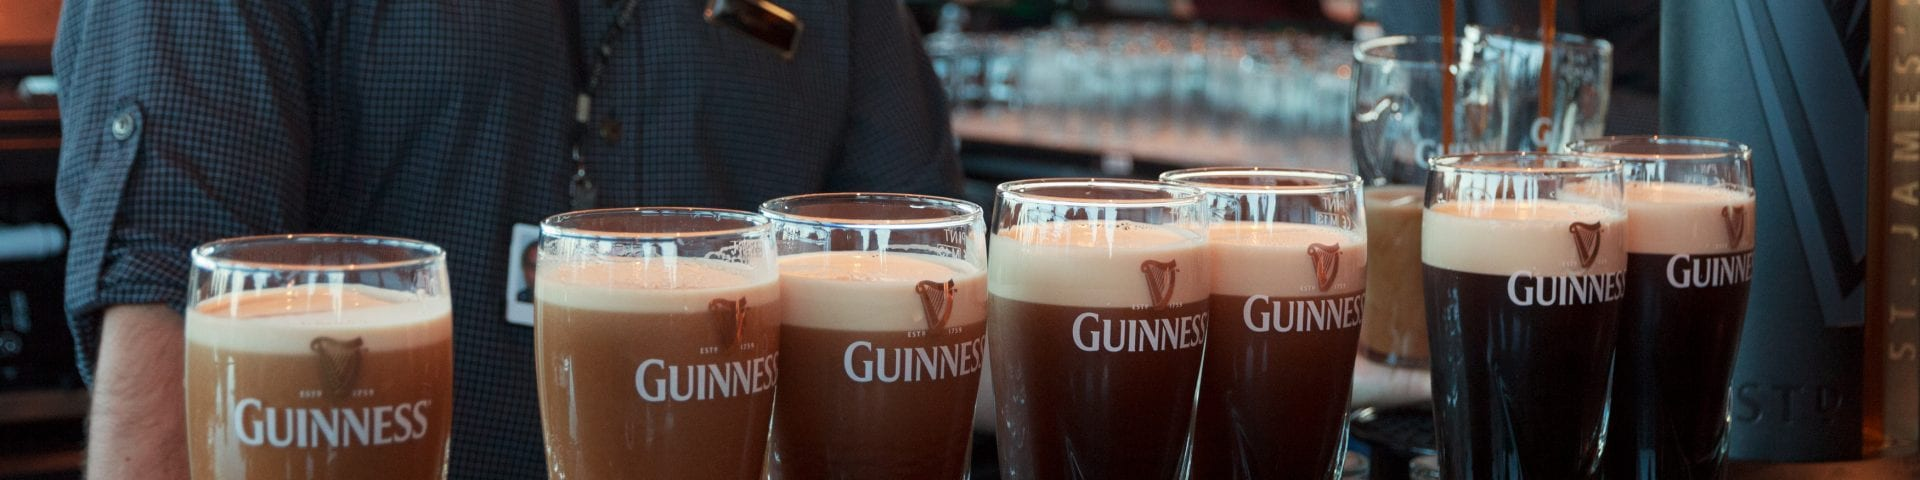 Pint of Guinness at the Guinness Storehouse, Dublin